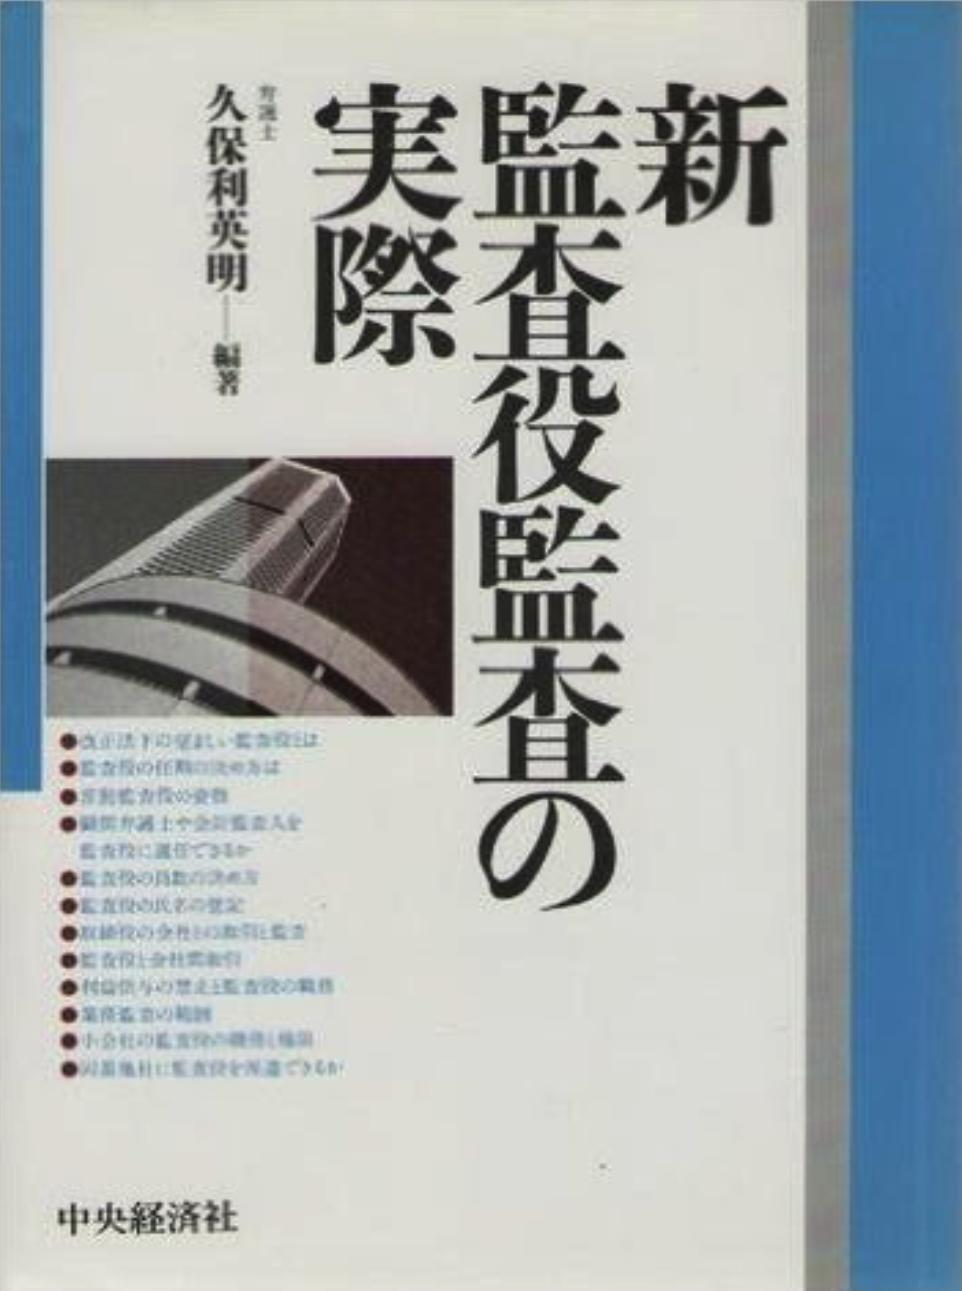 中央経済社   1994年2月 初版、1996年2月 2版